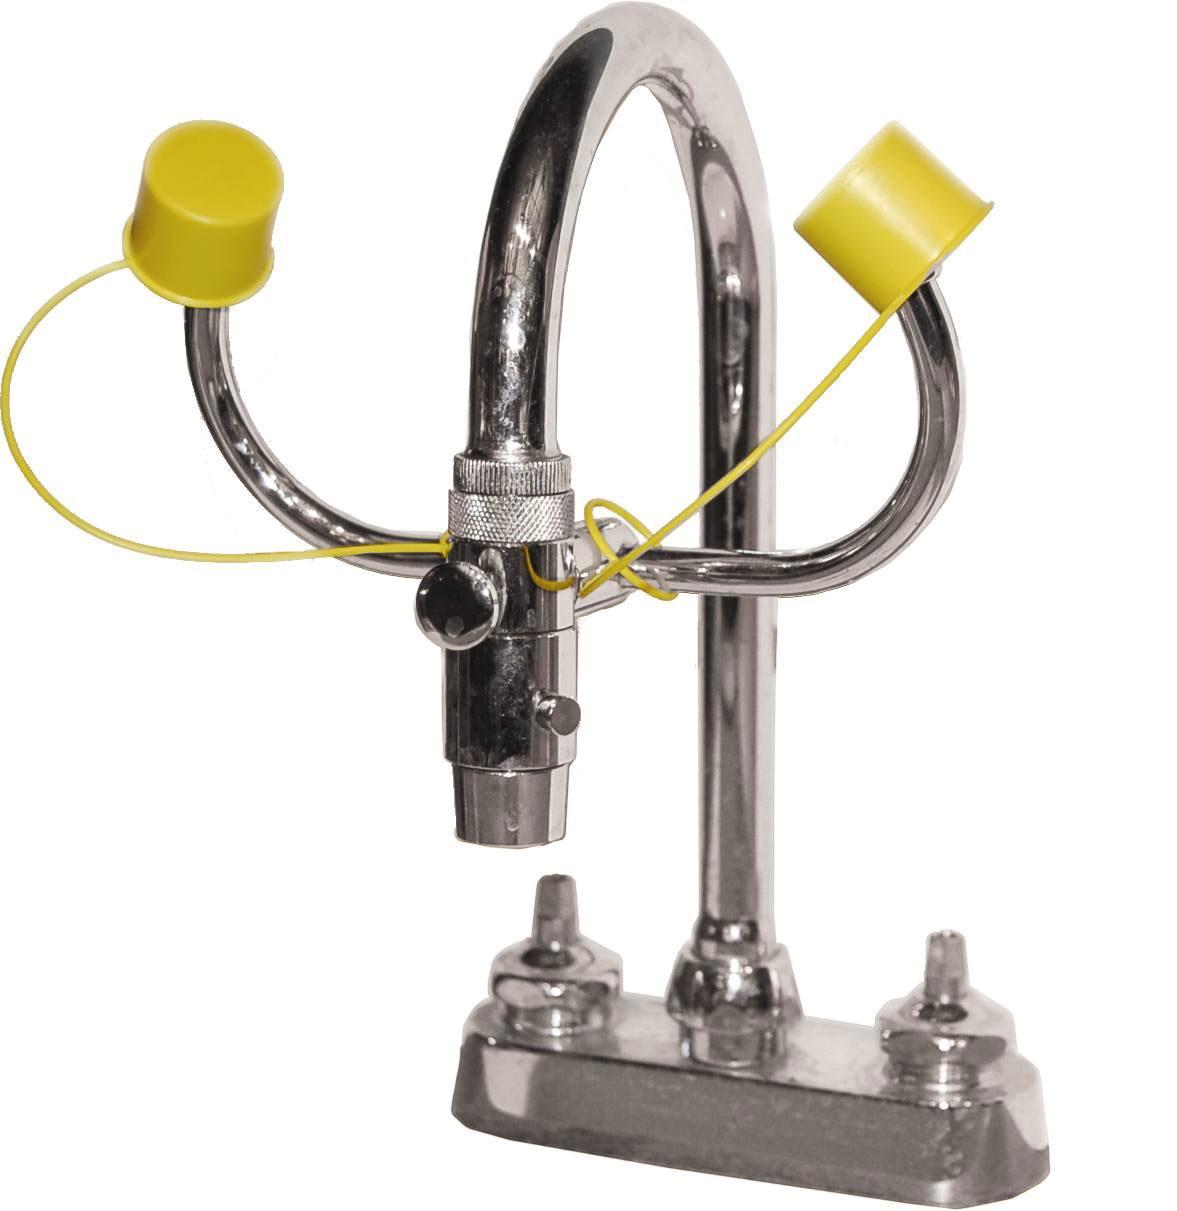 bradley faucet mount eyewash bradley faucet mount eyewash faucet mounted eyewash bradley corporation 1177 x 1211